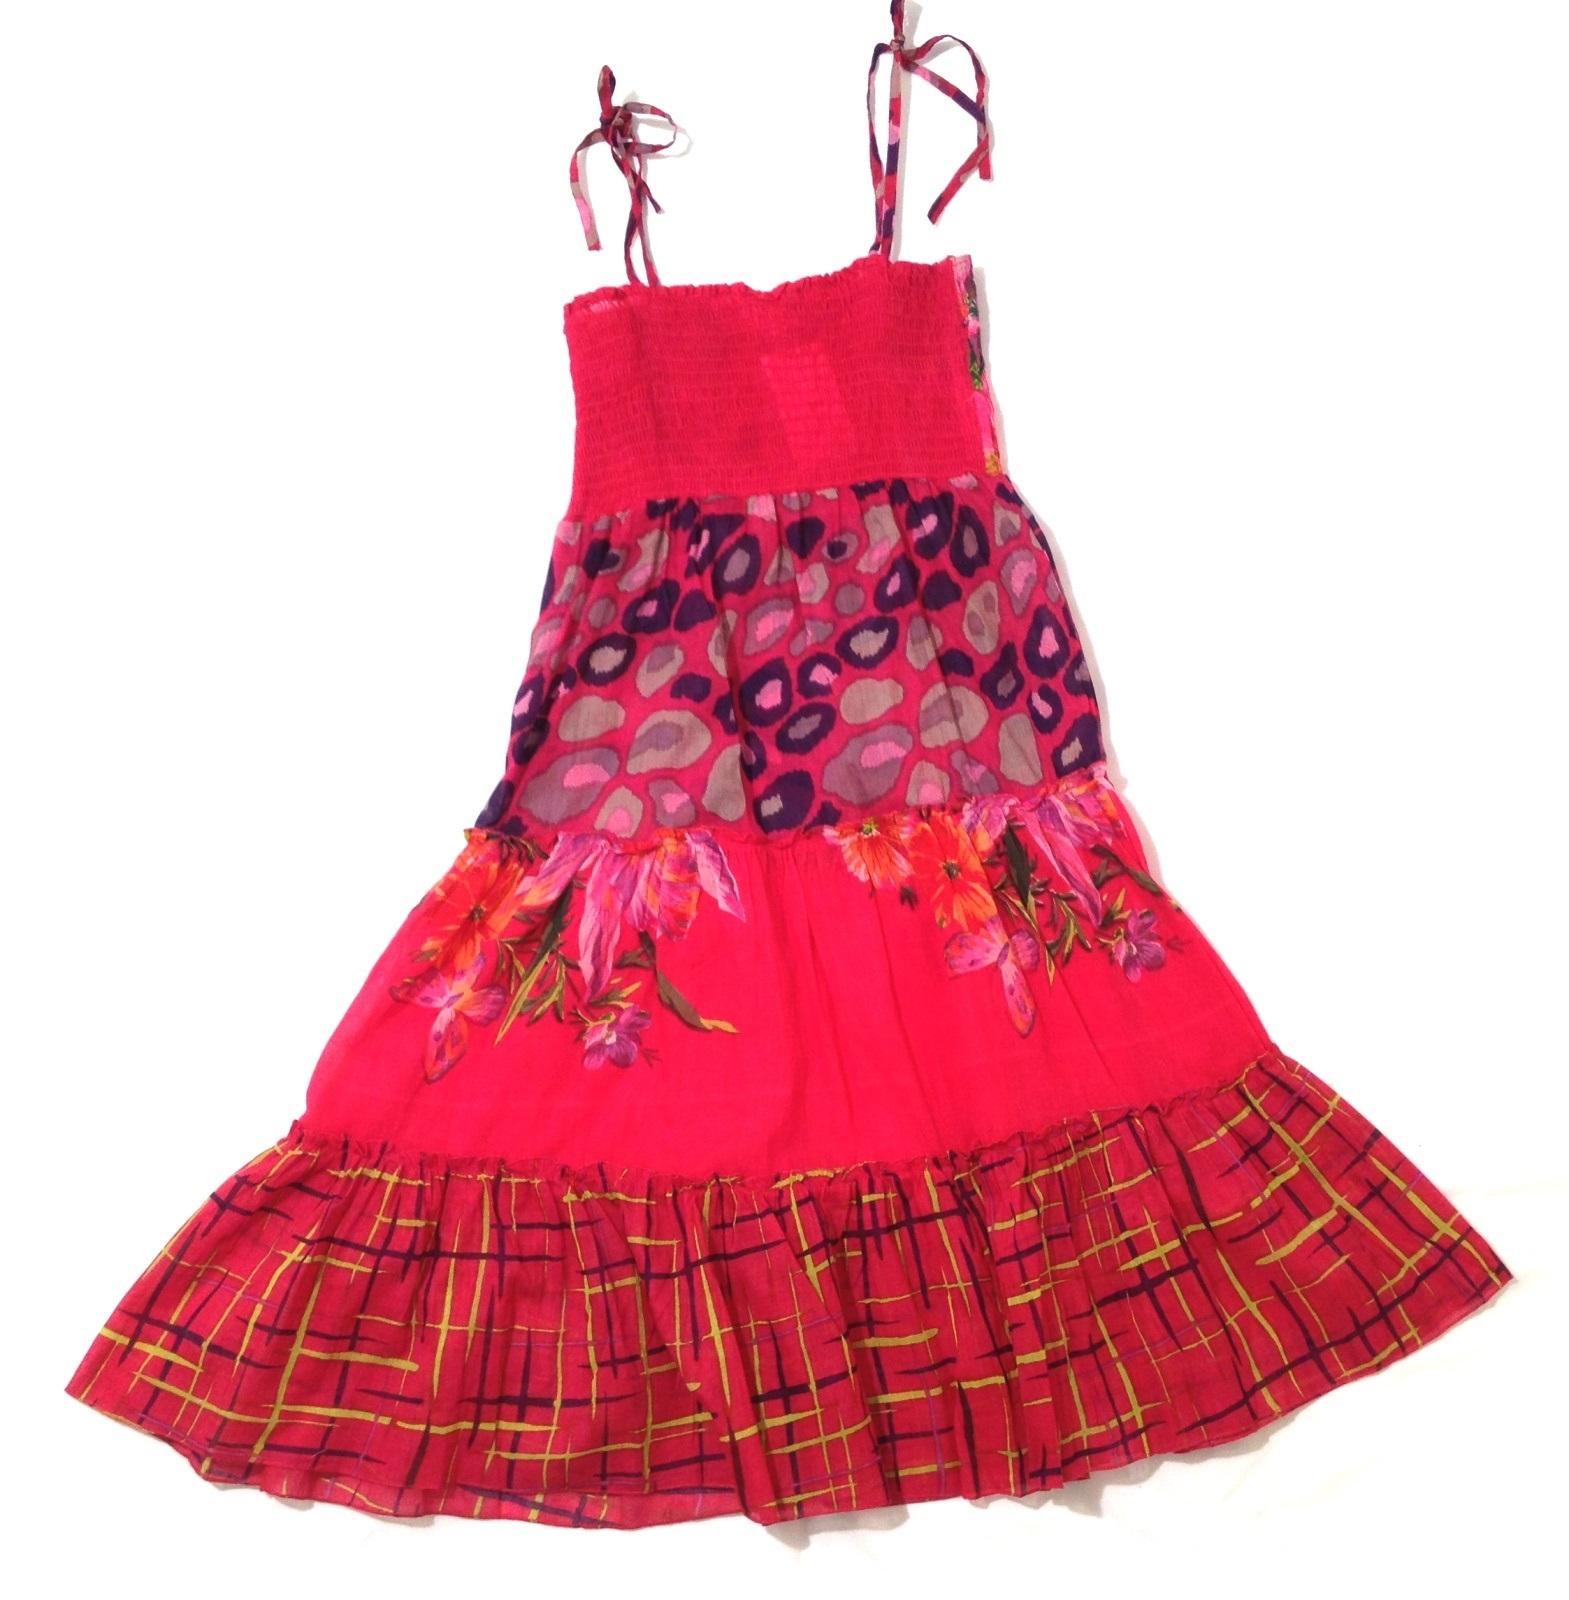 Haut,femme,2,en,1,laniere,robe,jupe,